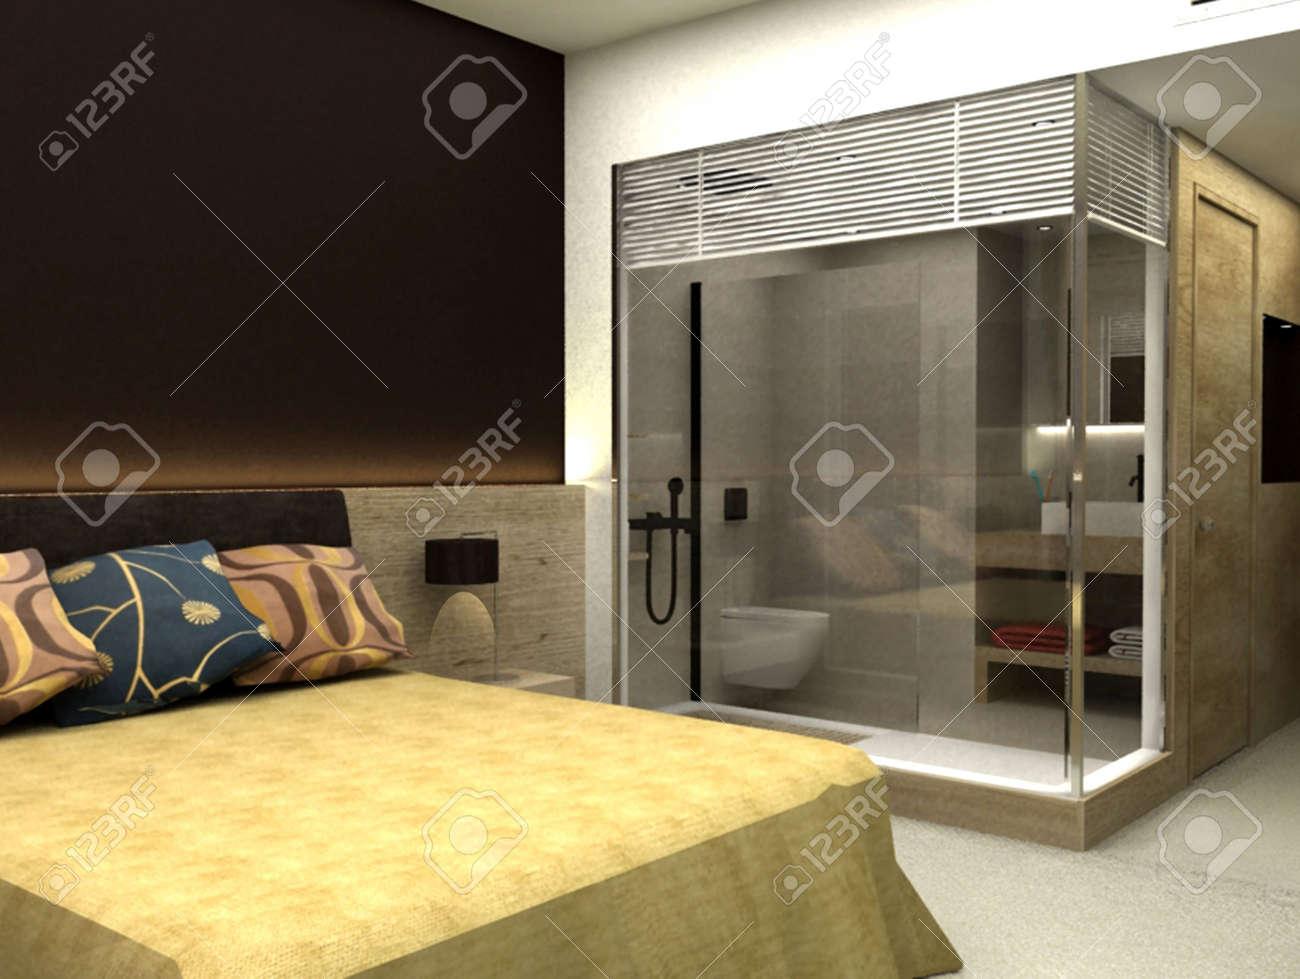 rendering 3d di camera da letto o stanza d'albergo foto royalty ... - Camera Da Letto O